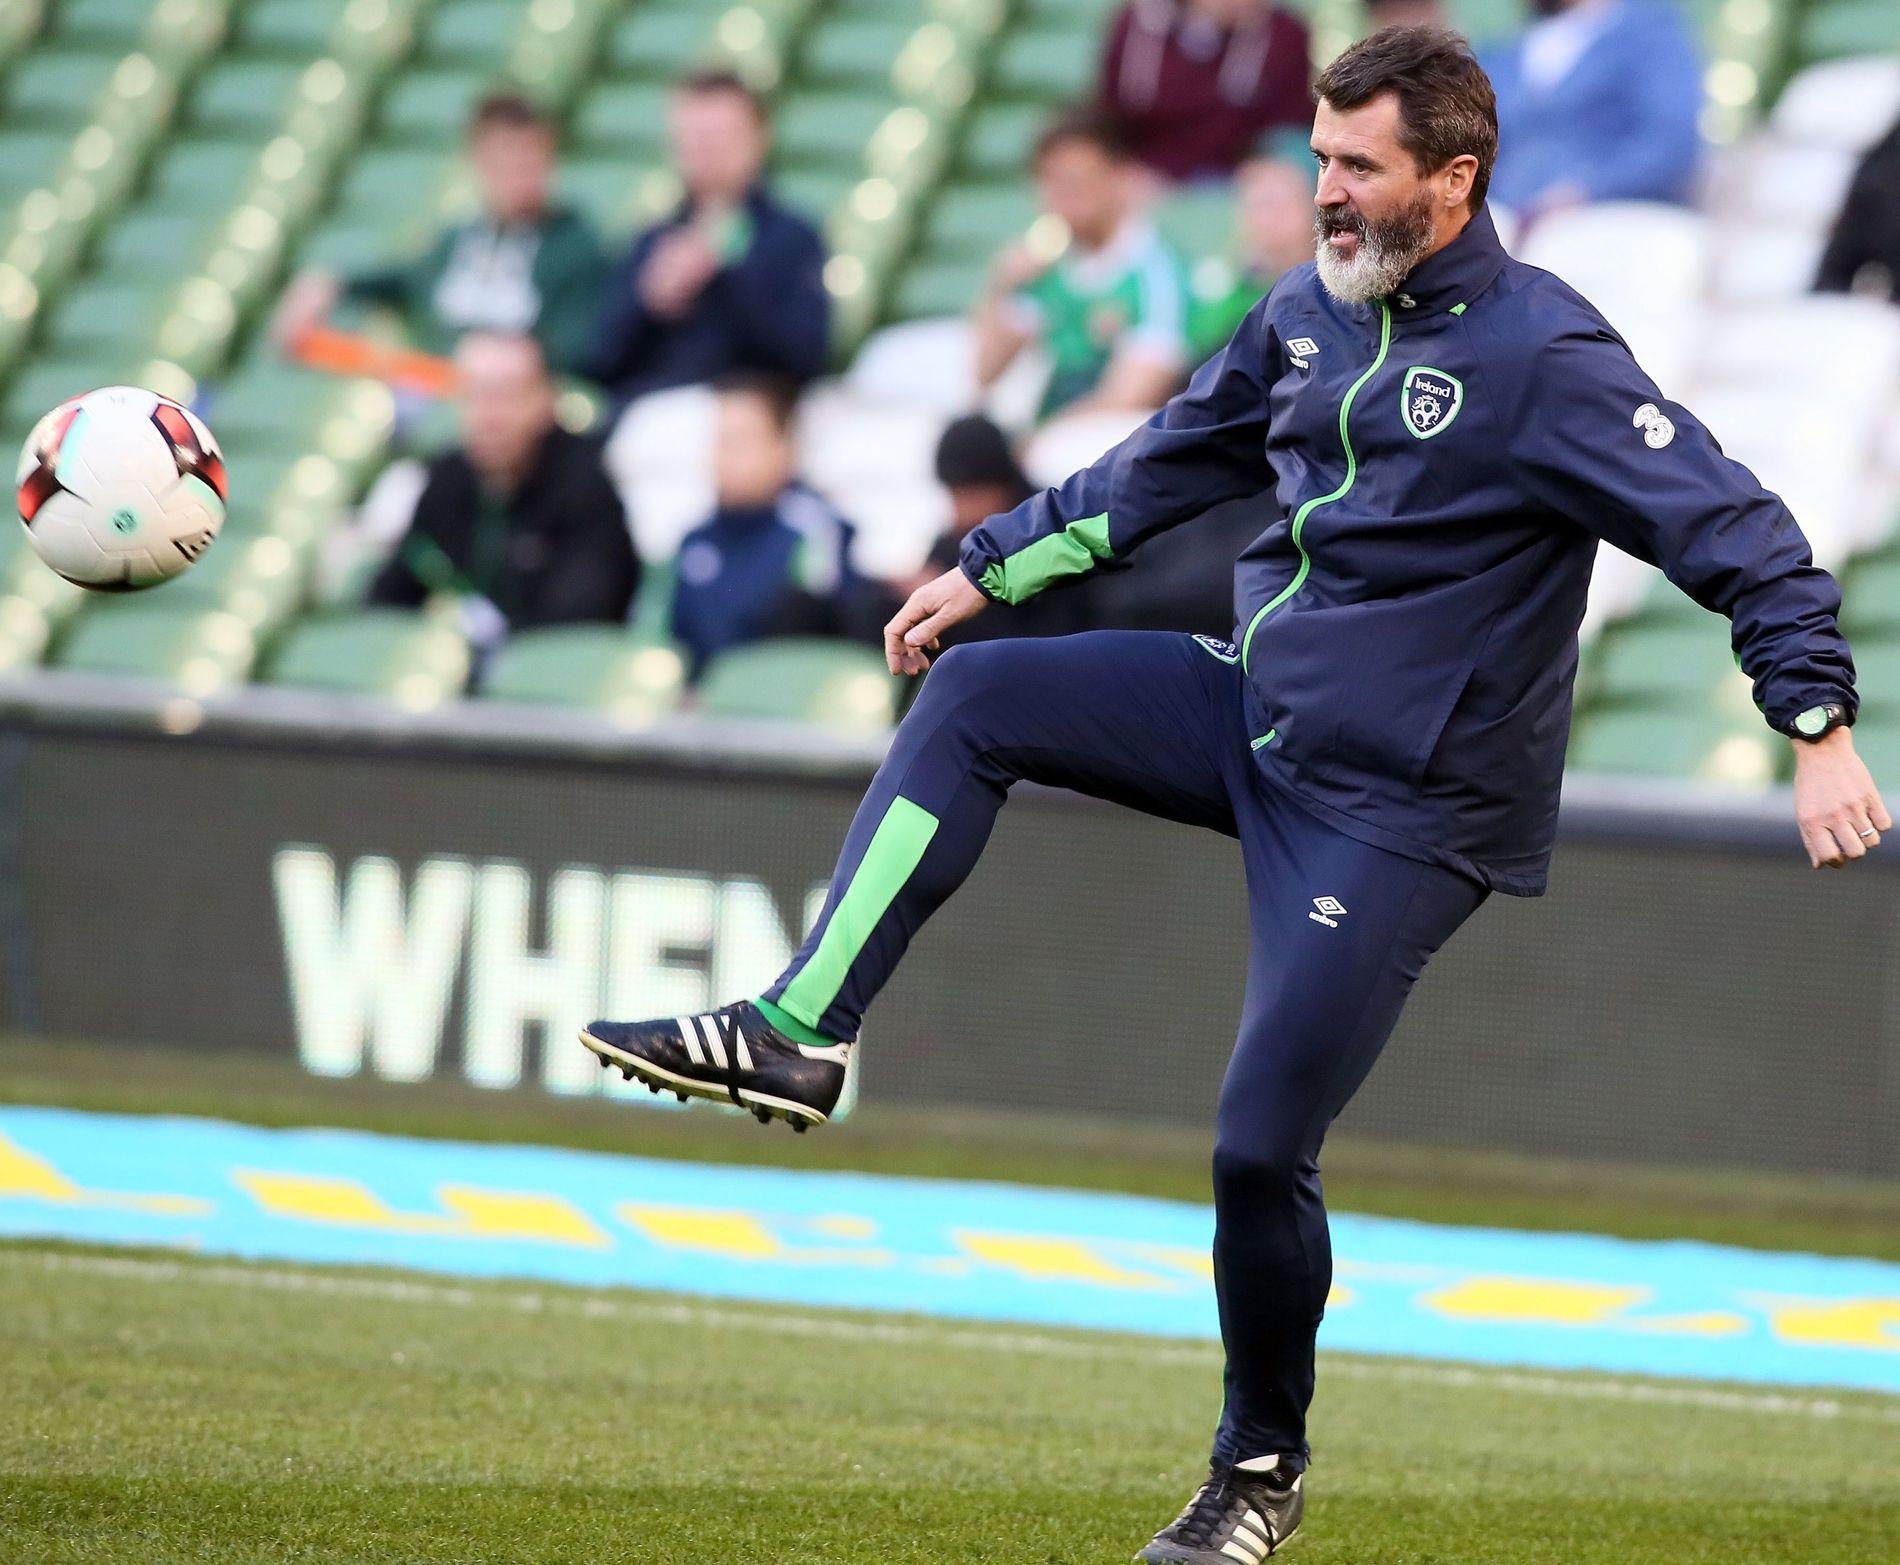 OMSTRIDT: Irlands assistentrener Roy Keane slutter ikke å underholde med sine meninger. Her er han avbildet i oppvarmingen til privatkampen Irland-Slovakia i vår.